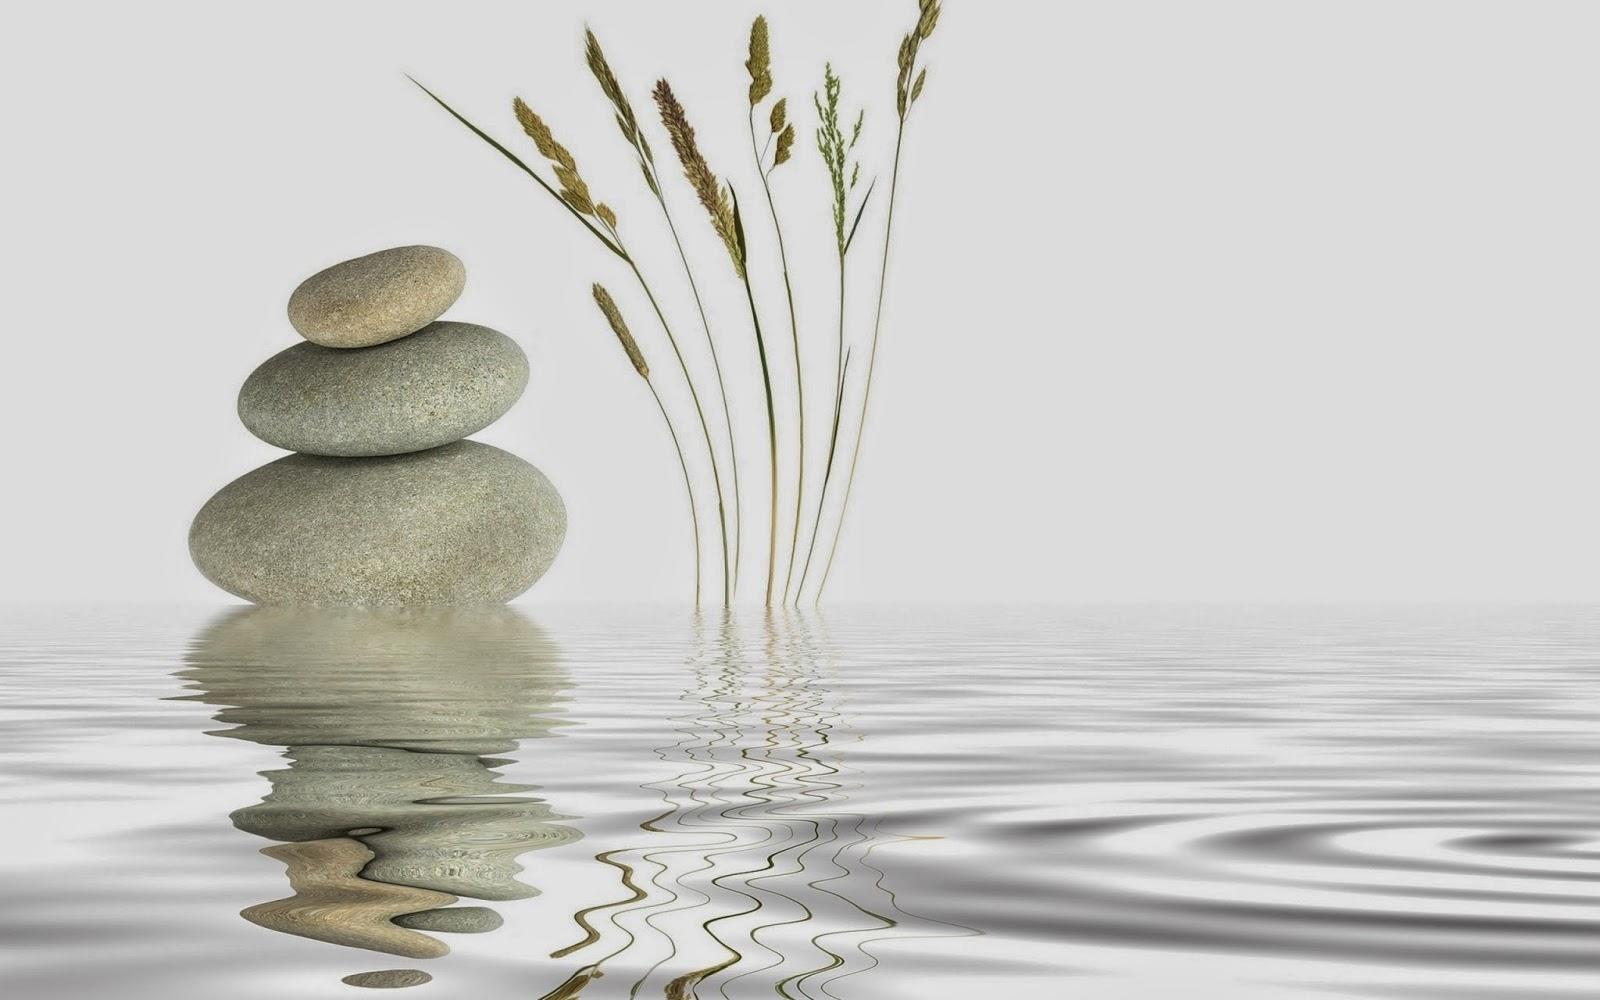 Hd wallpaper zen - Zen Meditation Pictures 1080p Full Hd Widescreen Wallpapers Pixhome